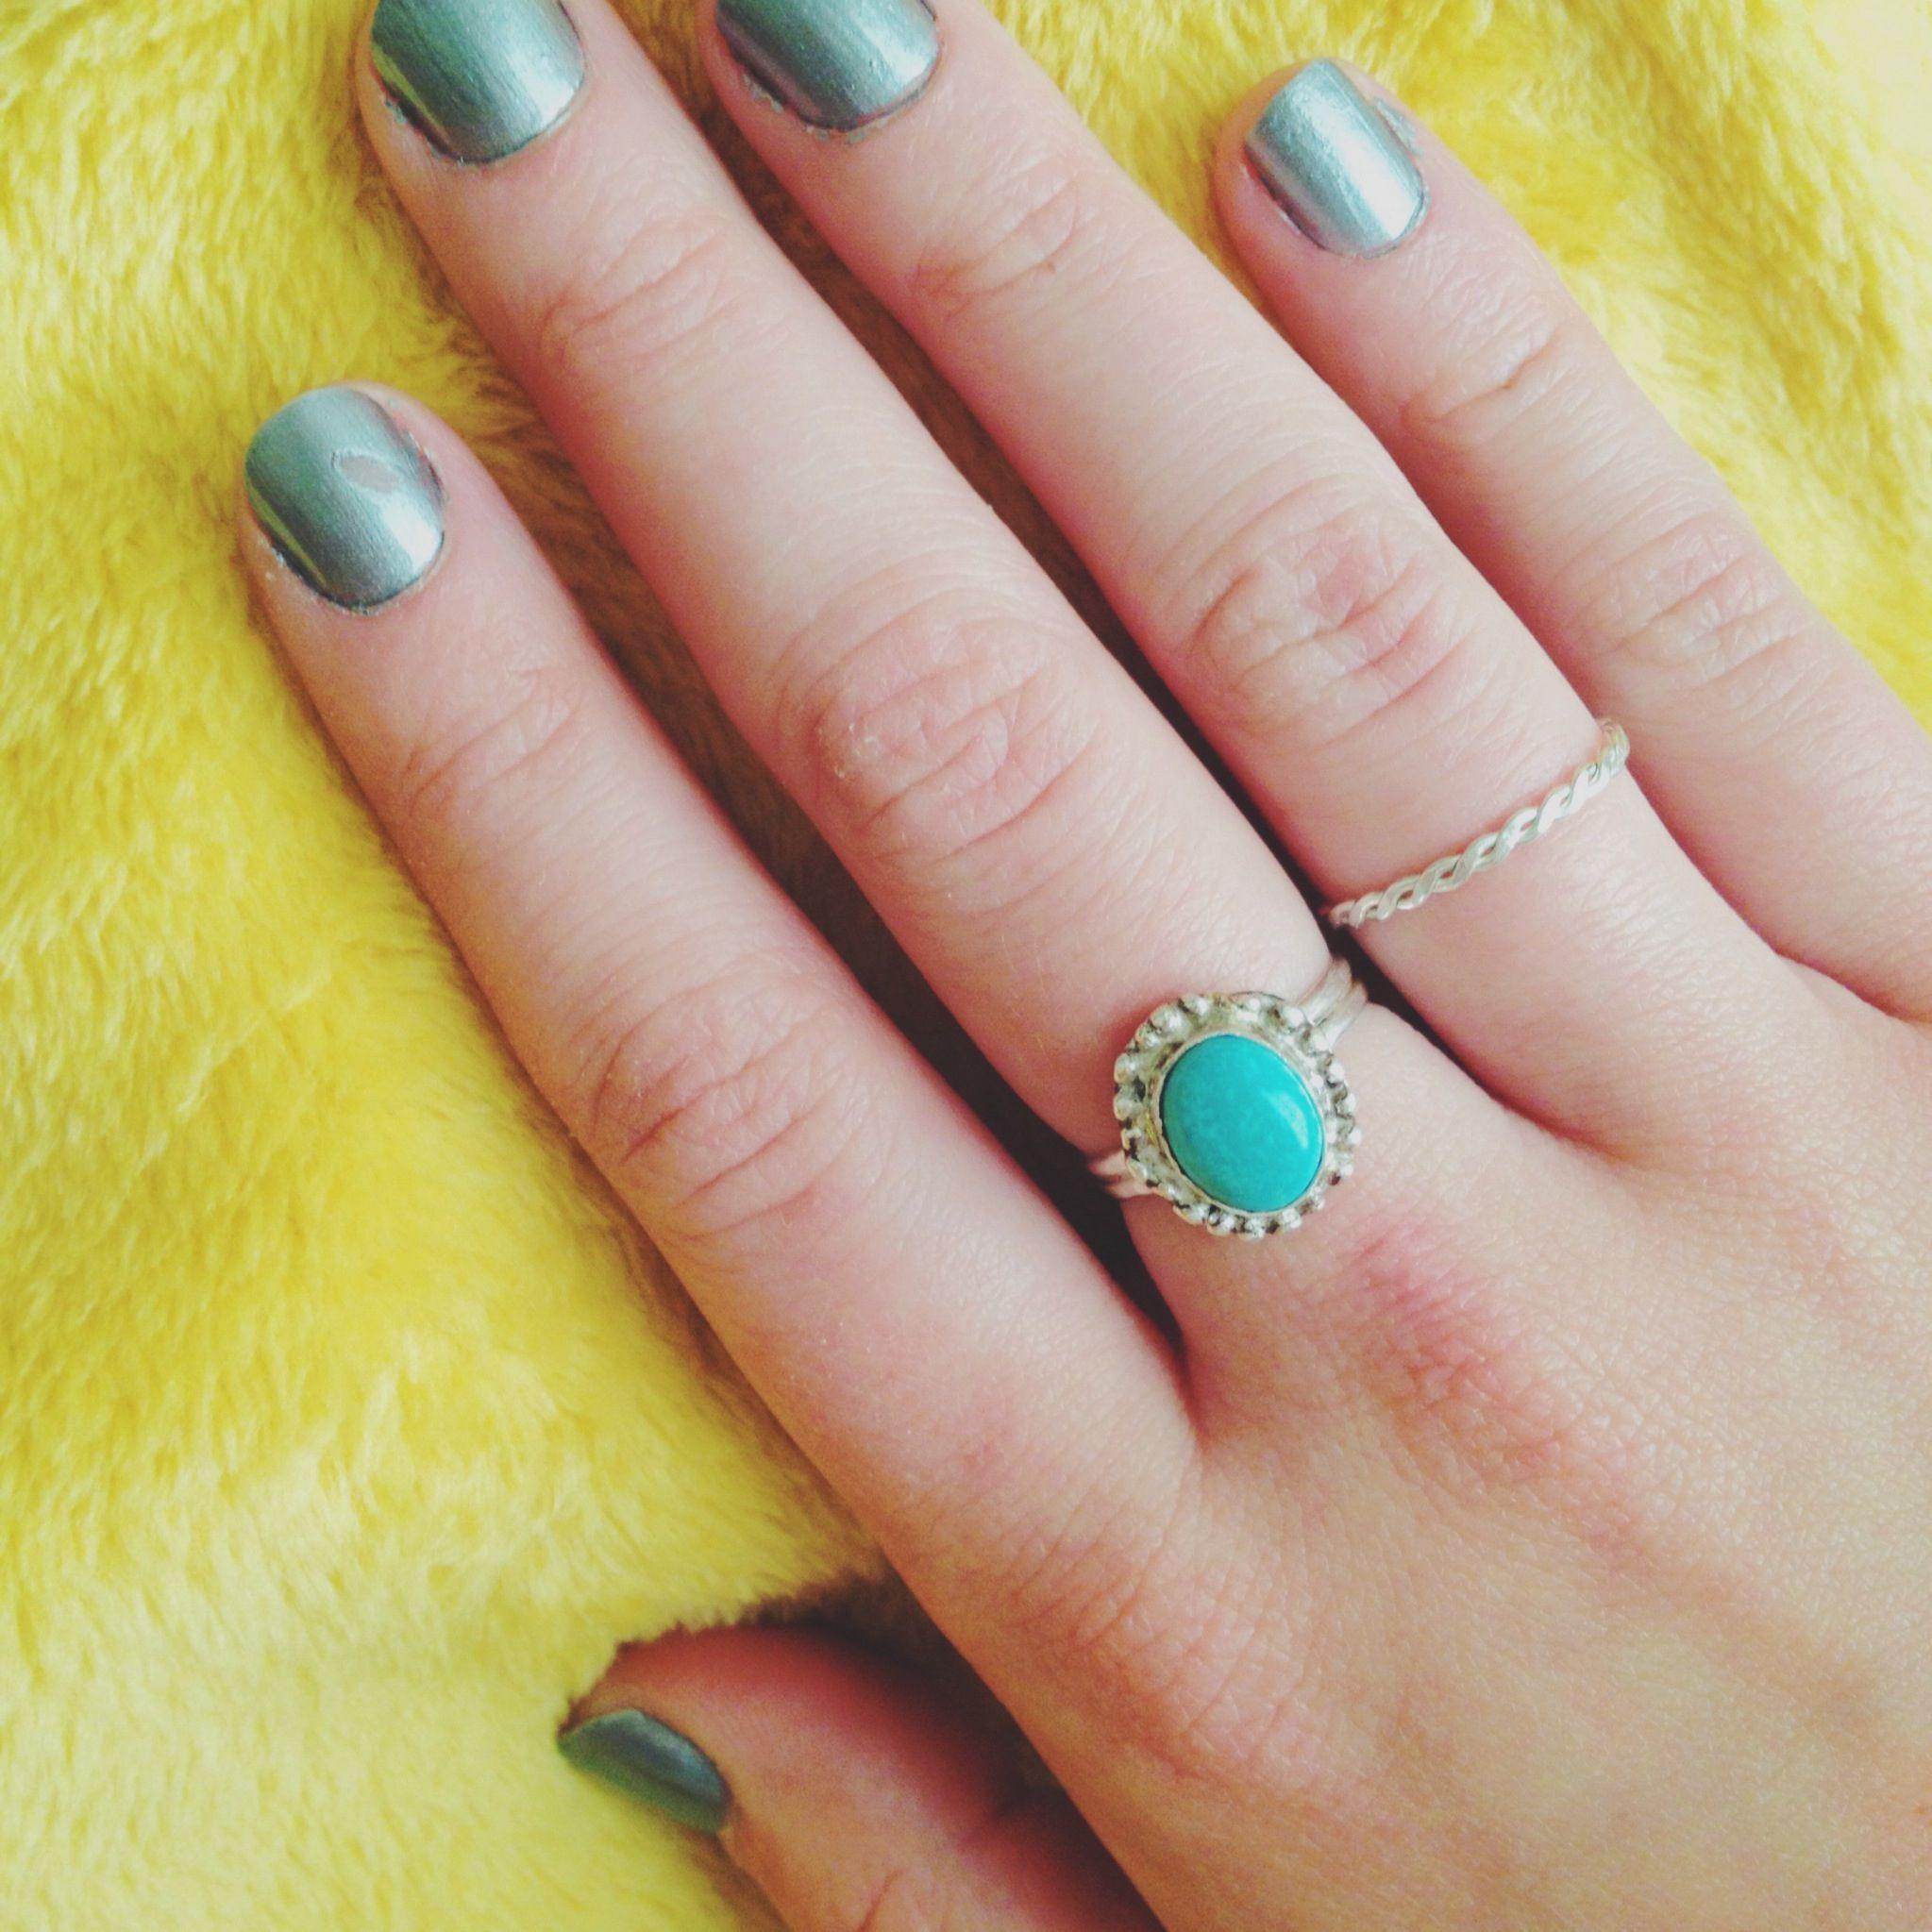 121613 in 2019 Jewelry, Gemstone rings, Rings